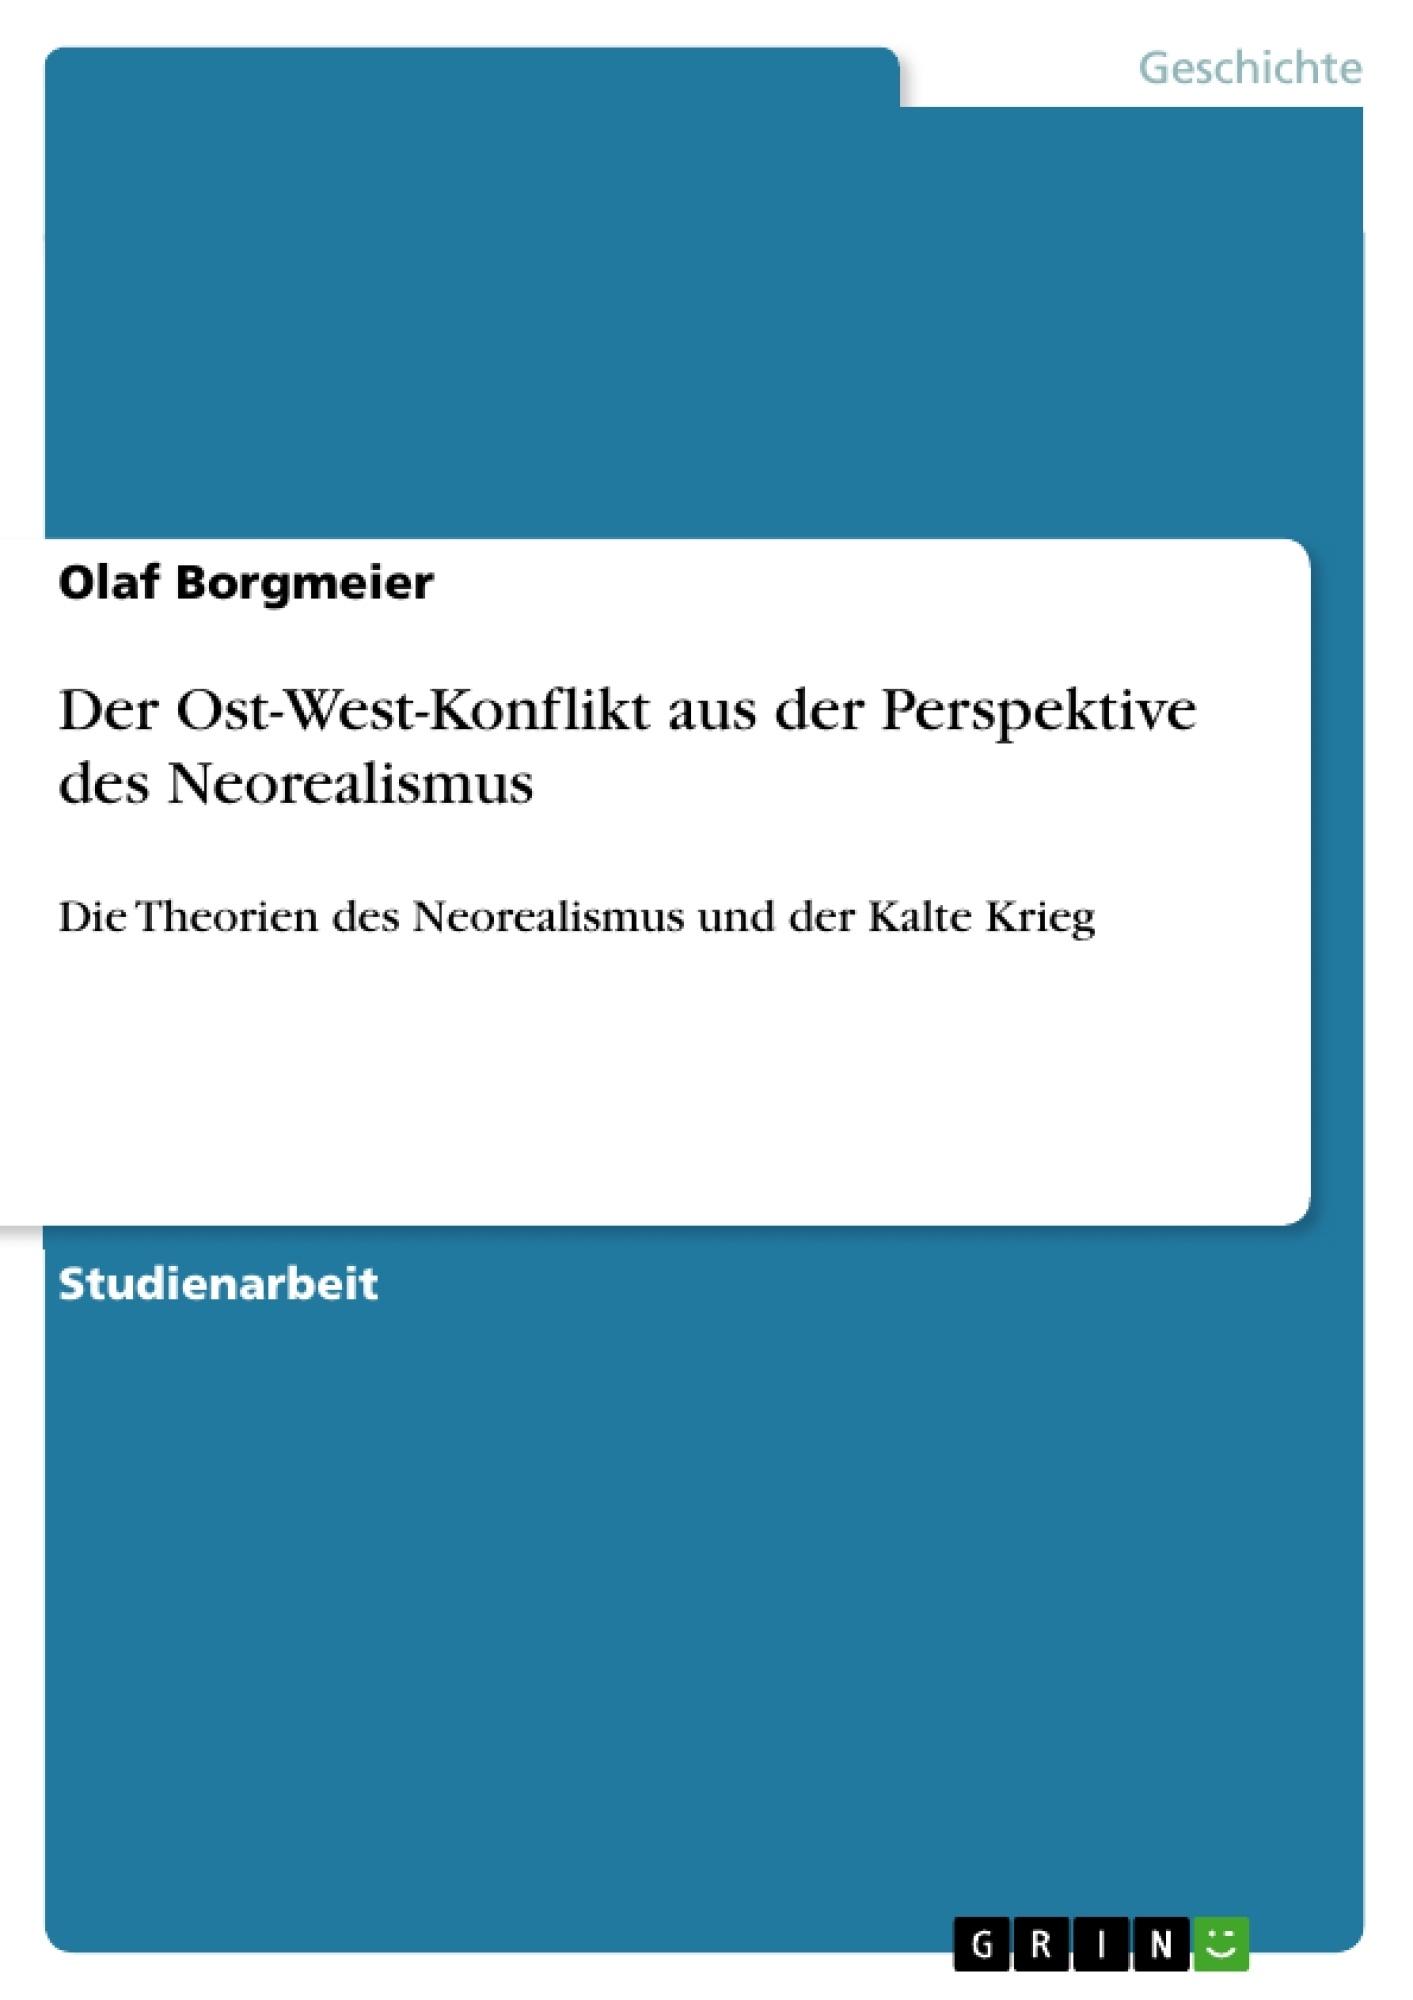 Titel: Der Ost-West-Konflikt aus der Perspektive des Neorealismus